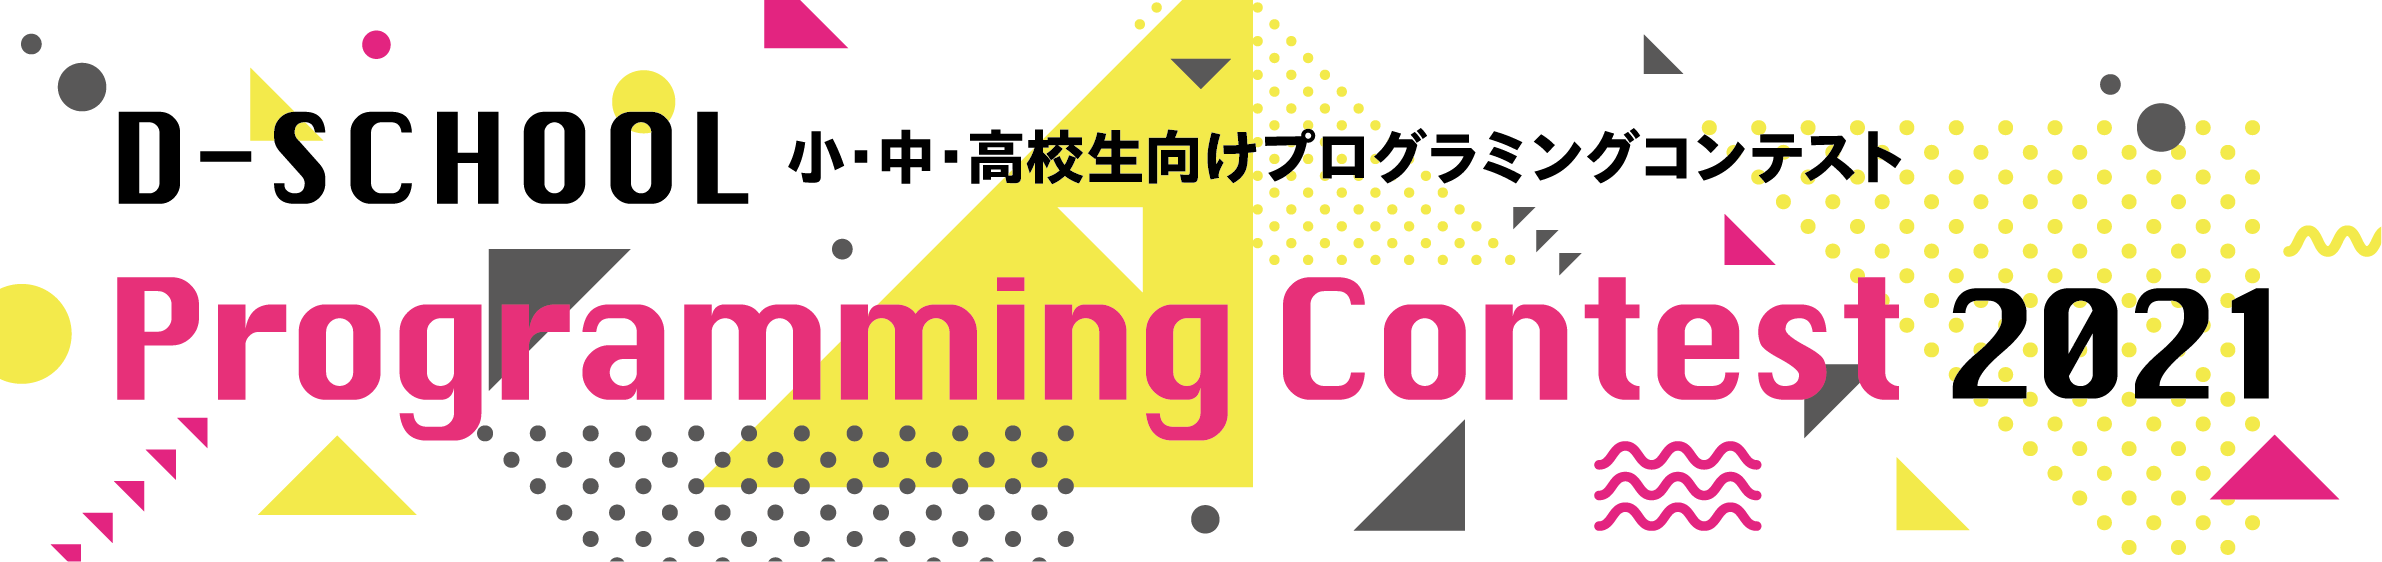 『D-SCHOOL プログラミングコンテスト2021』同時開催!